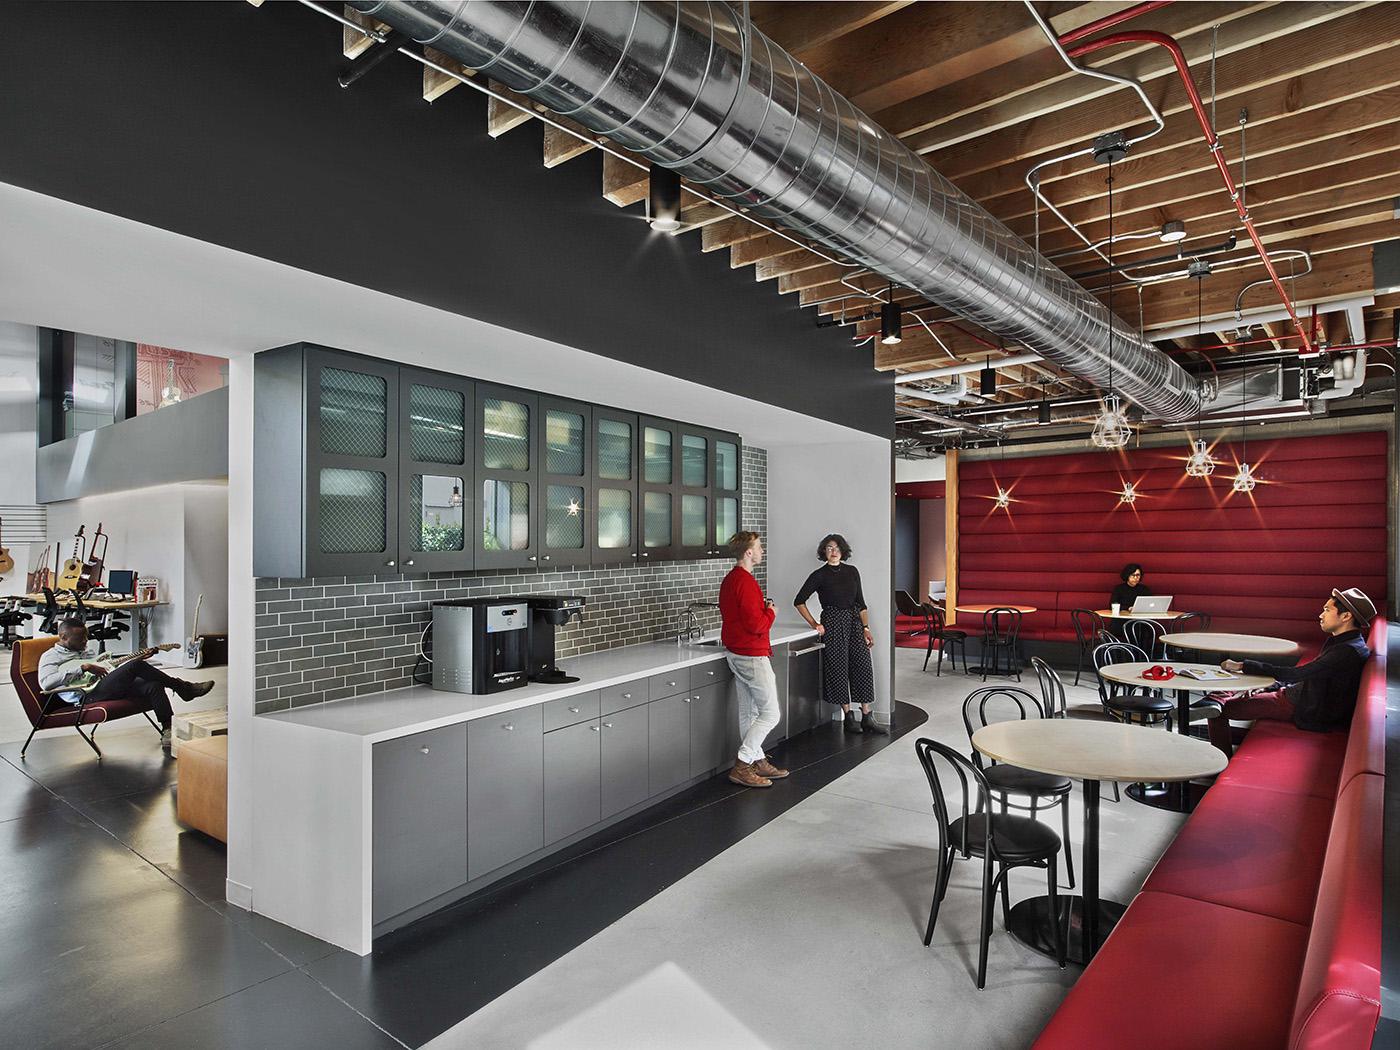 Fender Office em Los Angeles, E.U.A, possui uma área de convivência/café no meio da área administrativa, que também pode ser utilizada para trabalhos individuais ou em grupos. Crédito: Officesnapshots.